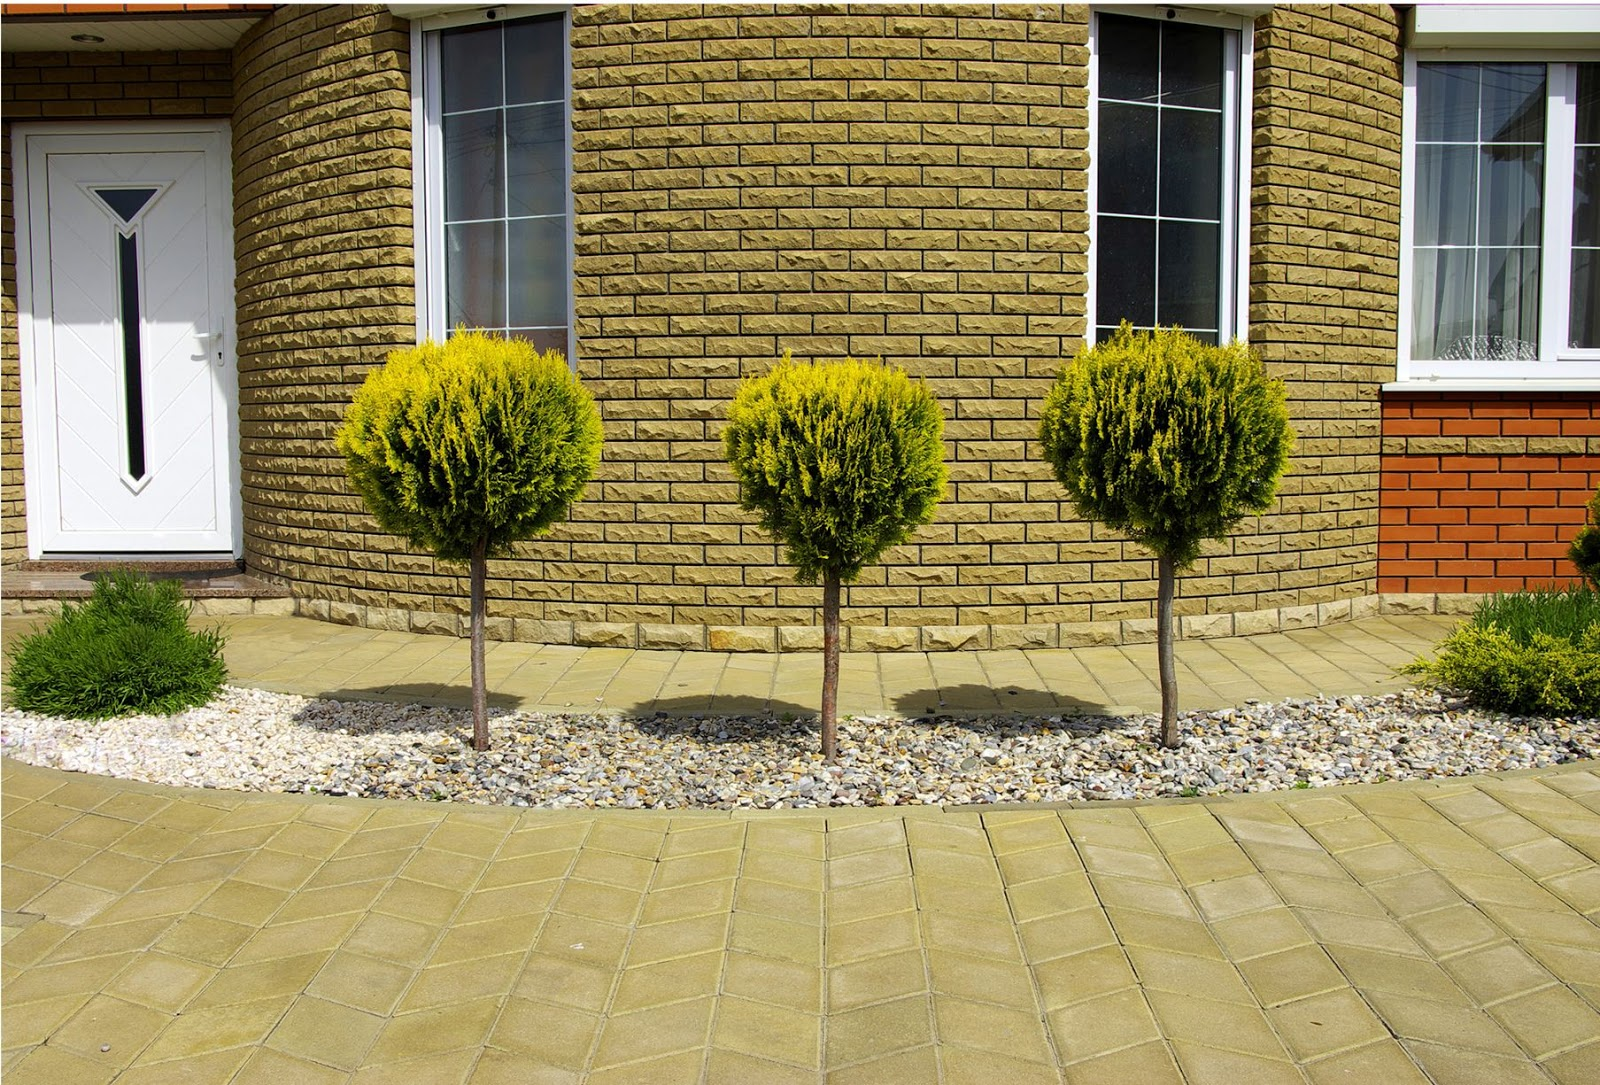 Banco de im genes 9 fotos de jardines dise o exterior for Plantas de jardin exterior